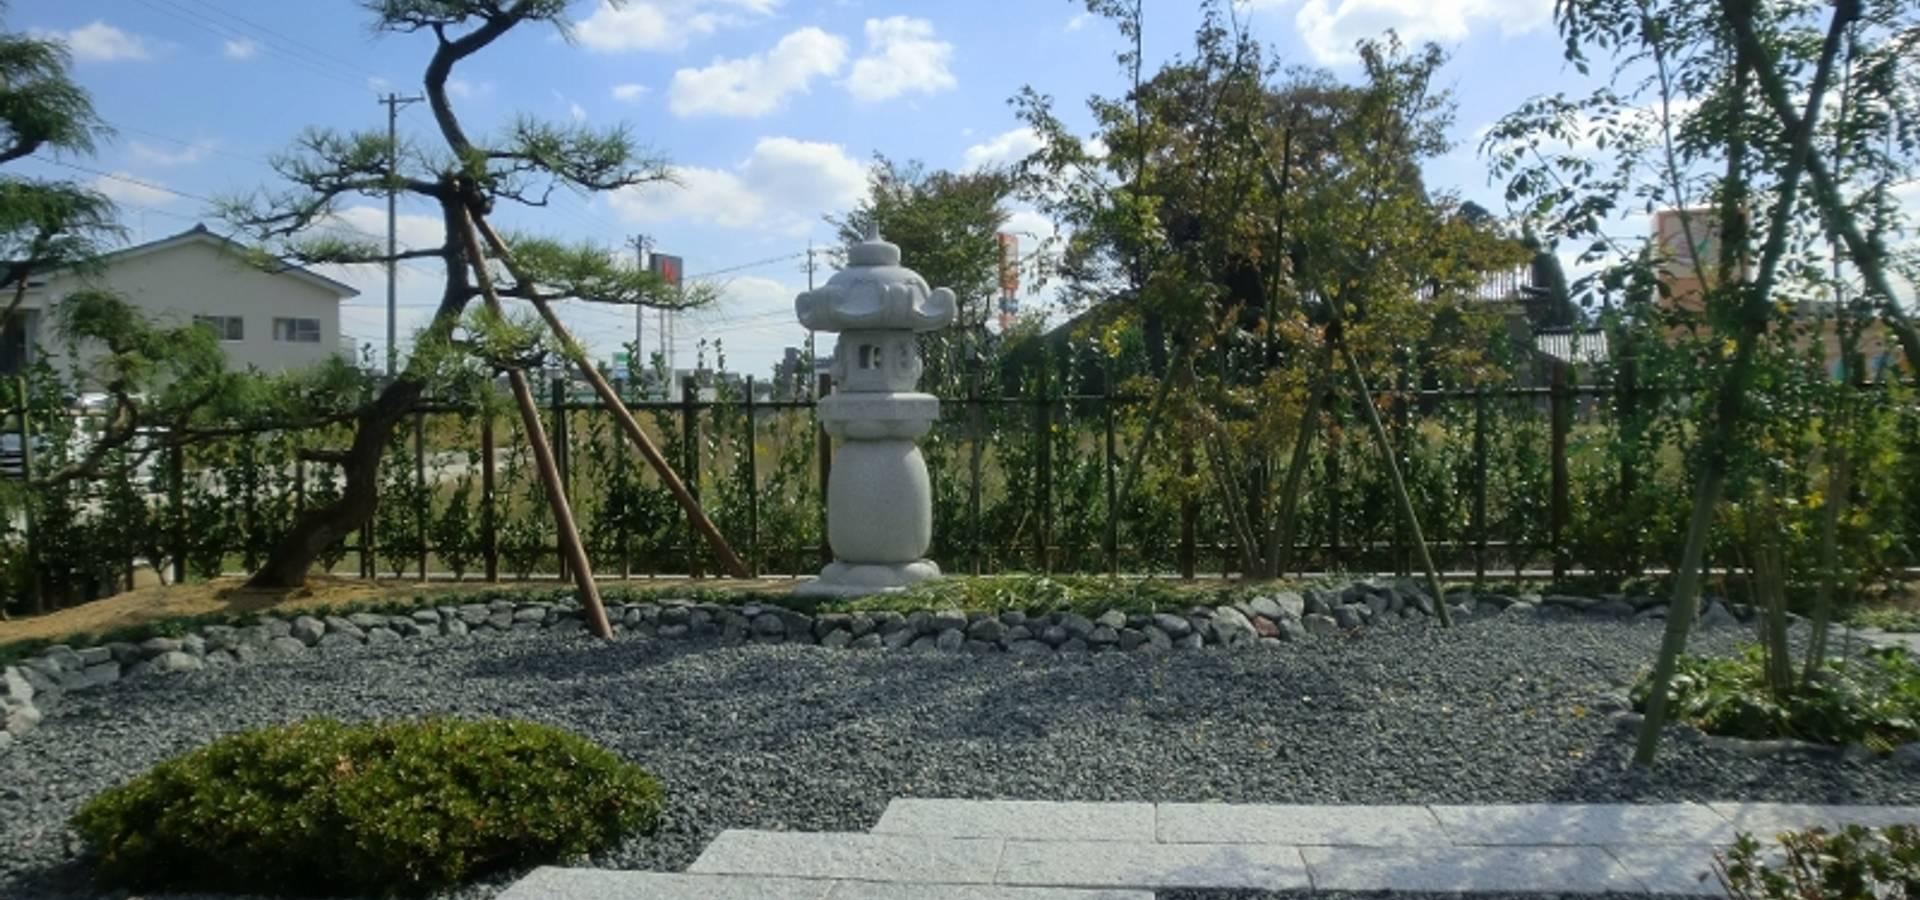 株式会社 砂土居造園/SUNADOI LANDSCAPE